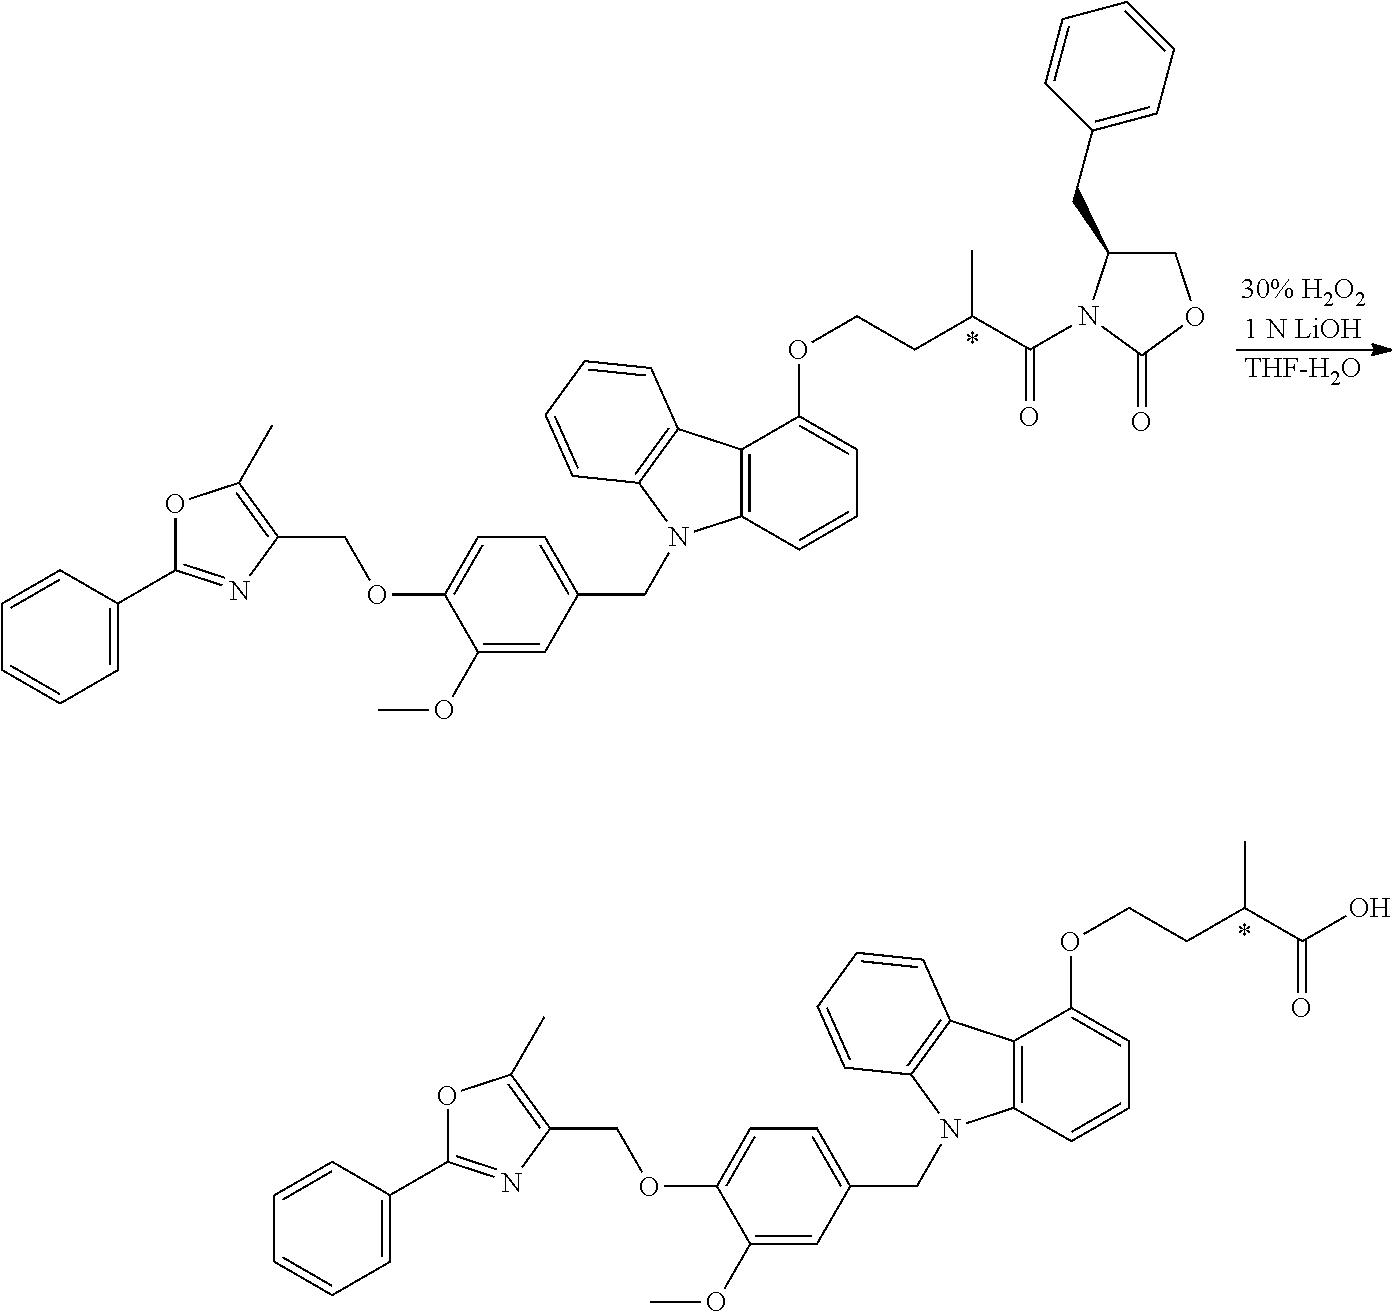 Figure US08329913-20121211-C00115